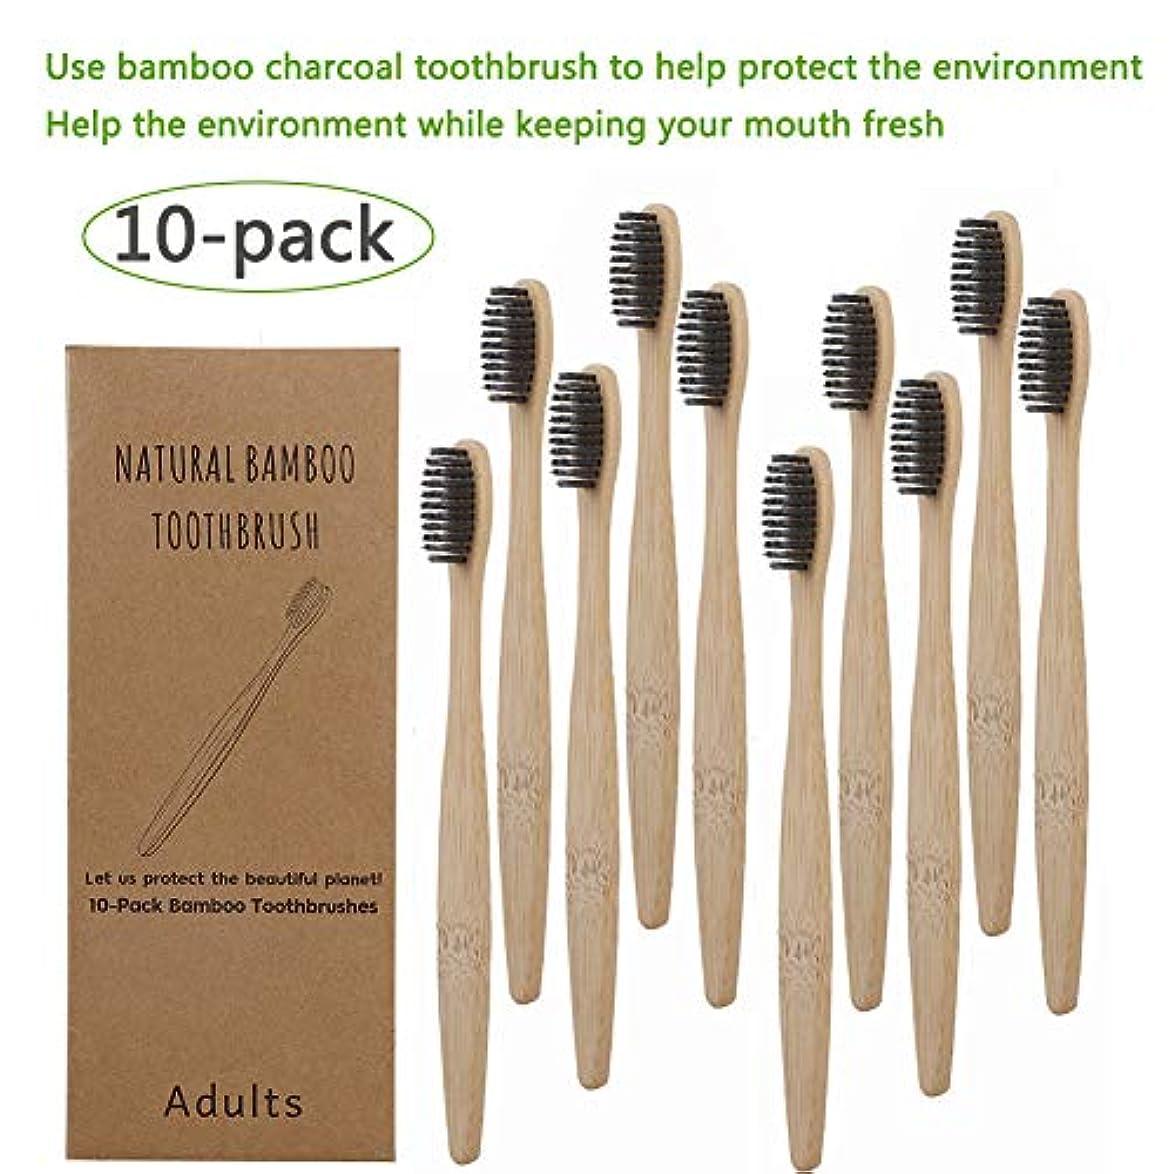 ヒロイック松センチメンタルDoo 10pcs 大人用竹の歯ブラシ 天然竹歯ブラシ 環境保護 柔らかい 歯ブラシ 口腔ケア 竹歯ブラシ 携帯用 旅行用 出張用